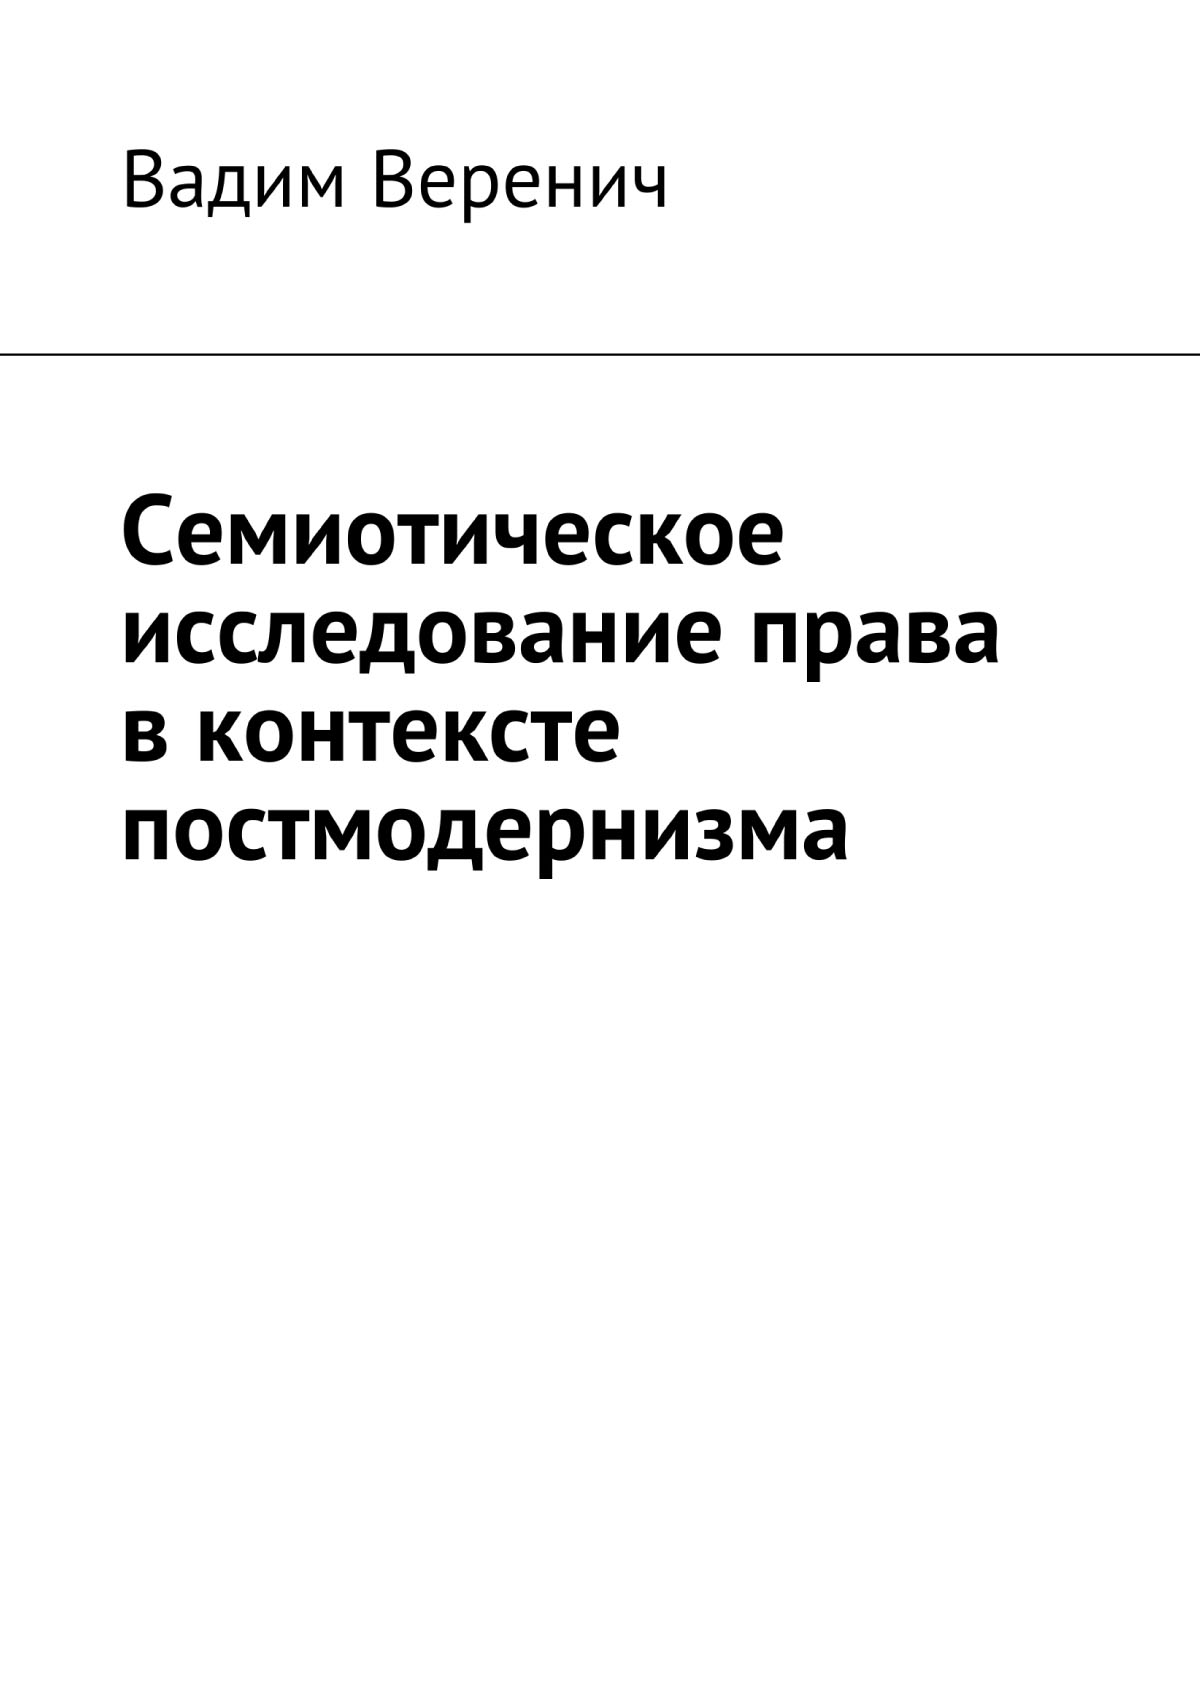 Вадим Веренич Семиотическое исследование права вконтексте постмодернизма станиславский к работа актера над собой работа над собой в творческом процессе воплощения дневник ученика